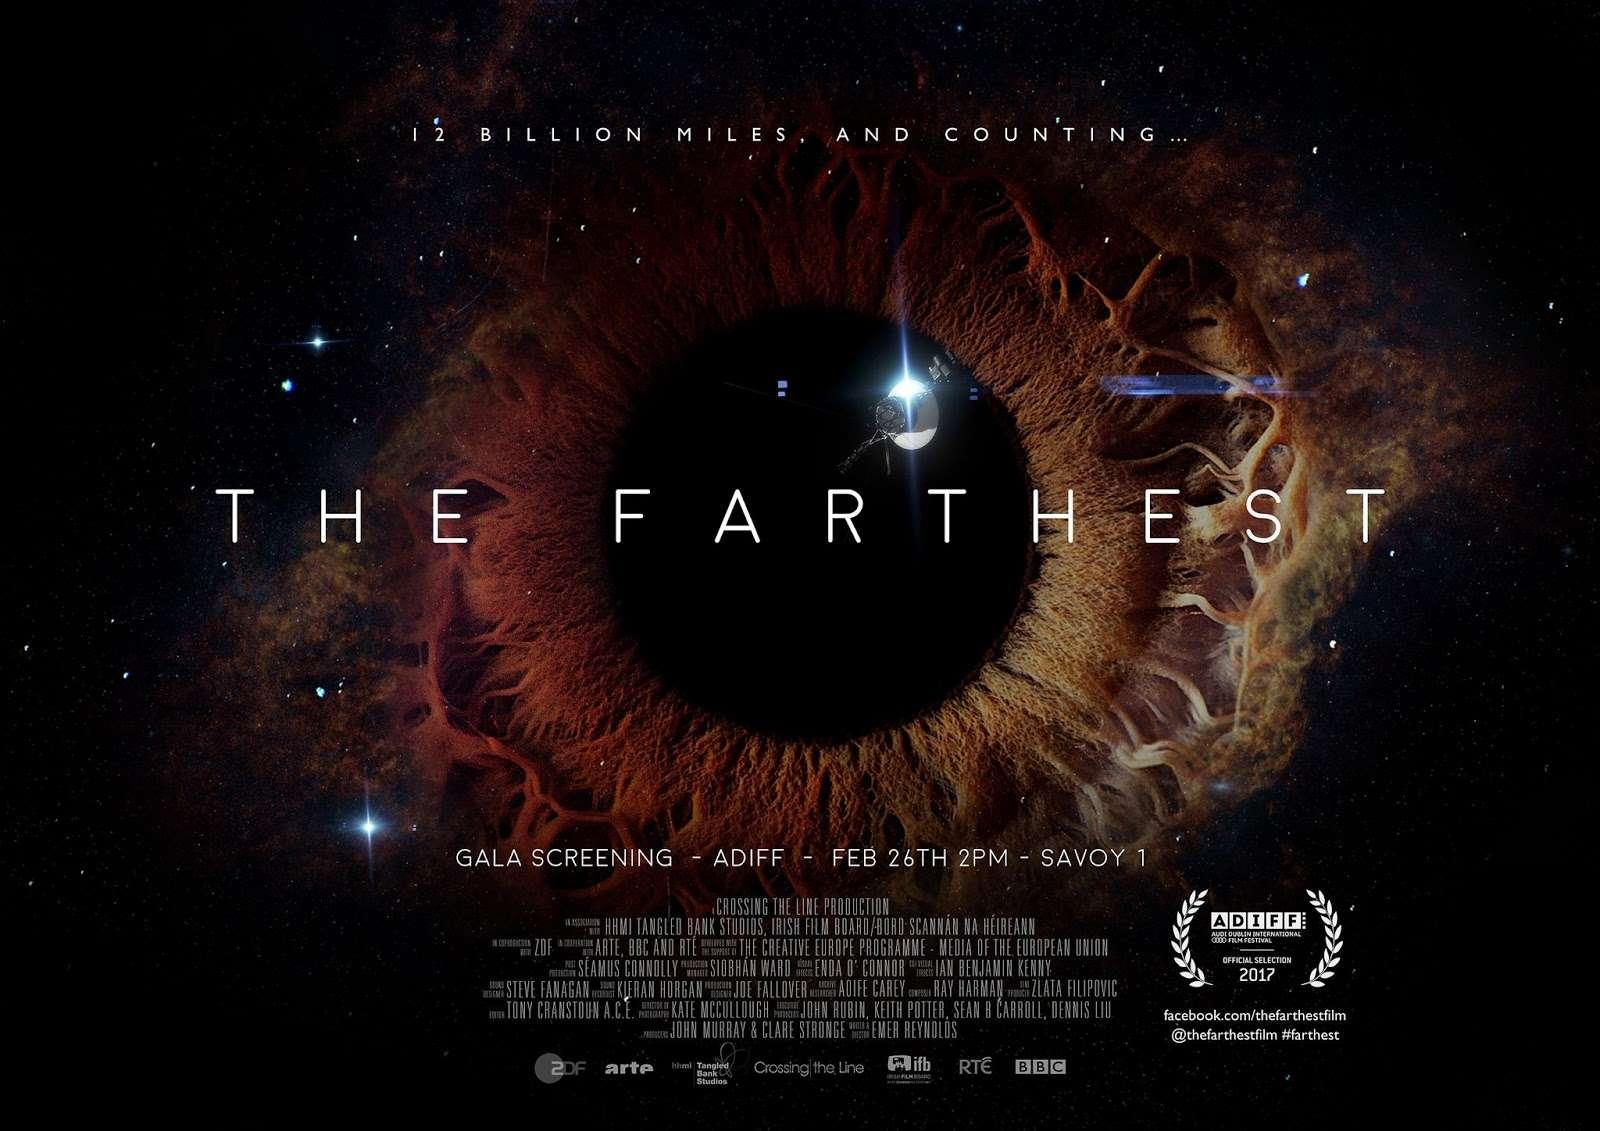 Το Απώτατο Σημείο της Ανθρωπότητας (The Farthest) Quad Poster Πόστερ